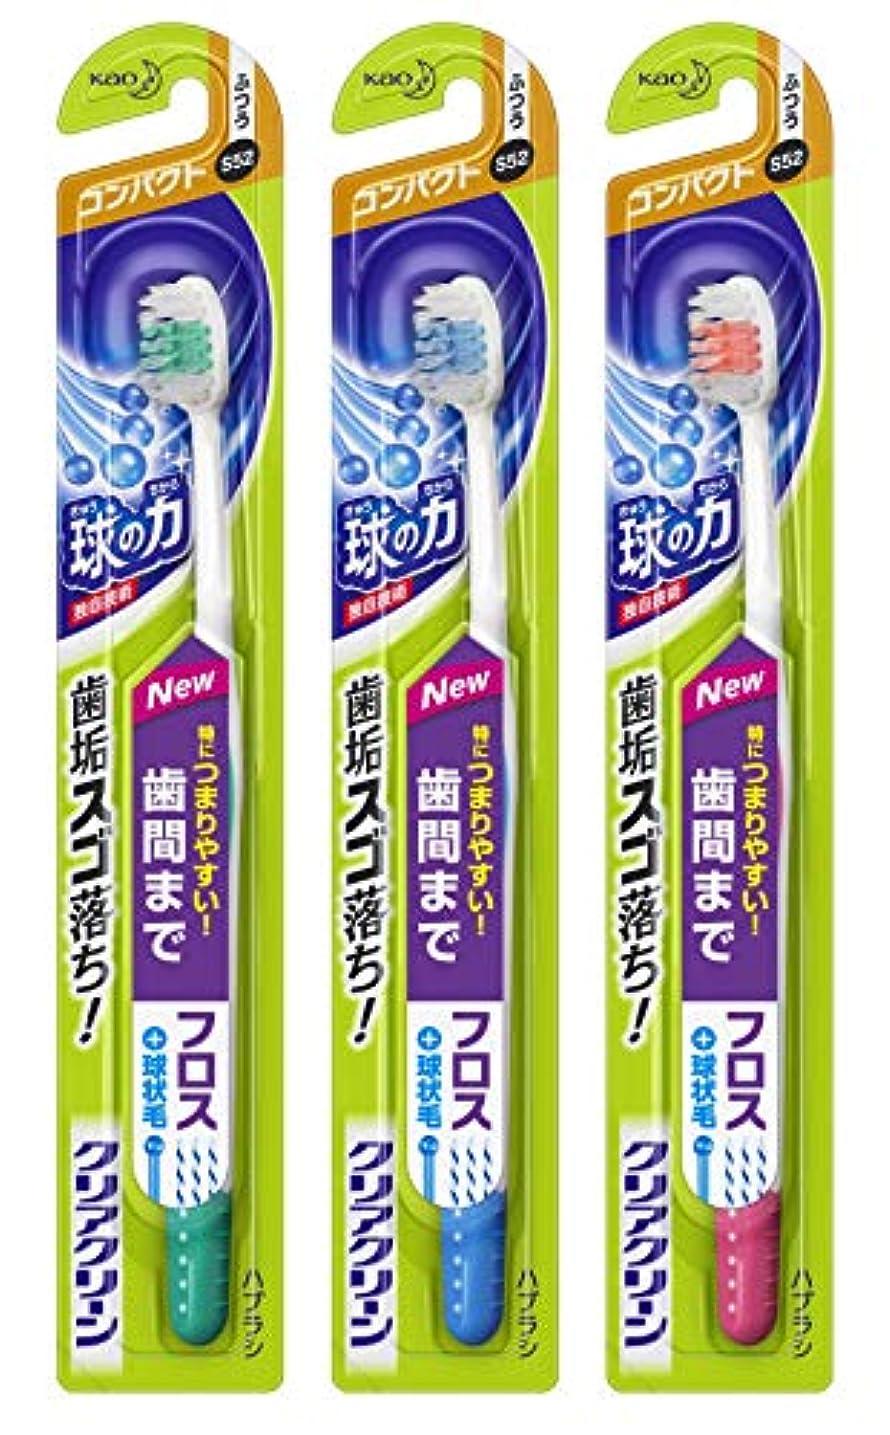 放射する悪質な再集計【まとめ買い】クリアクリーン 歯間プラス コンパクト ふつう 3本セット(※色は選べません)